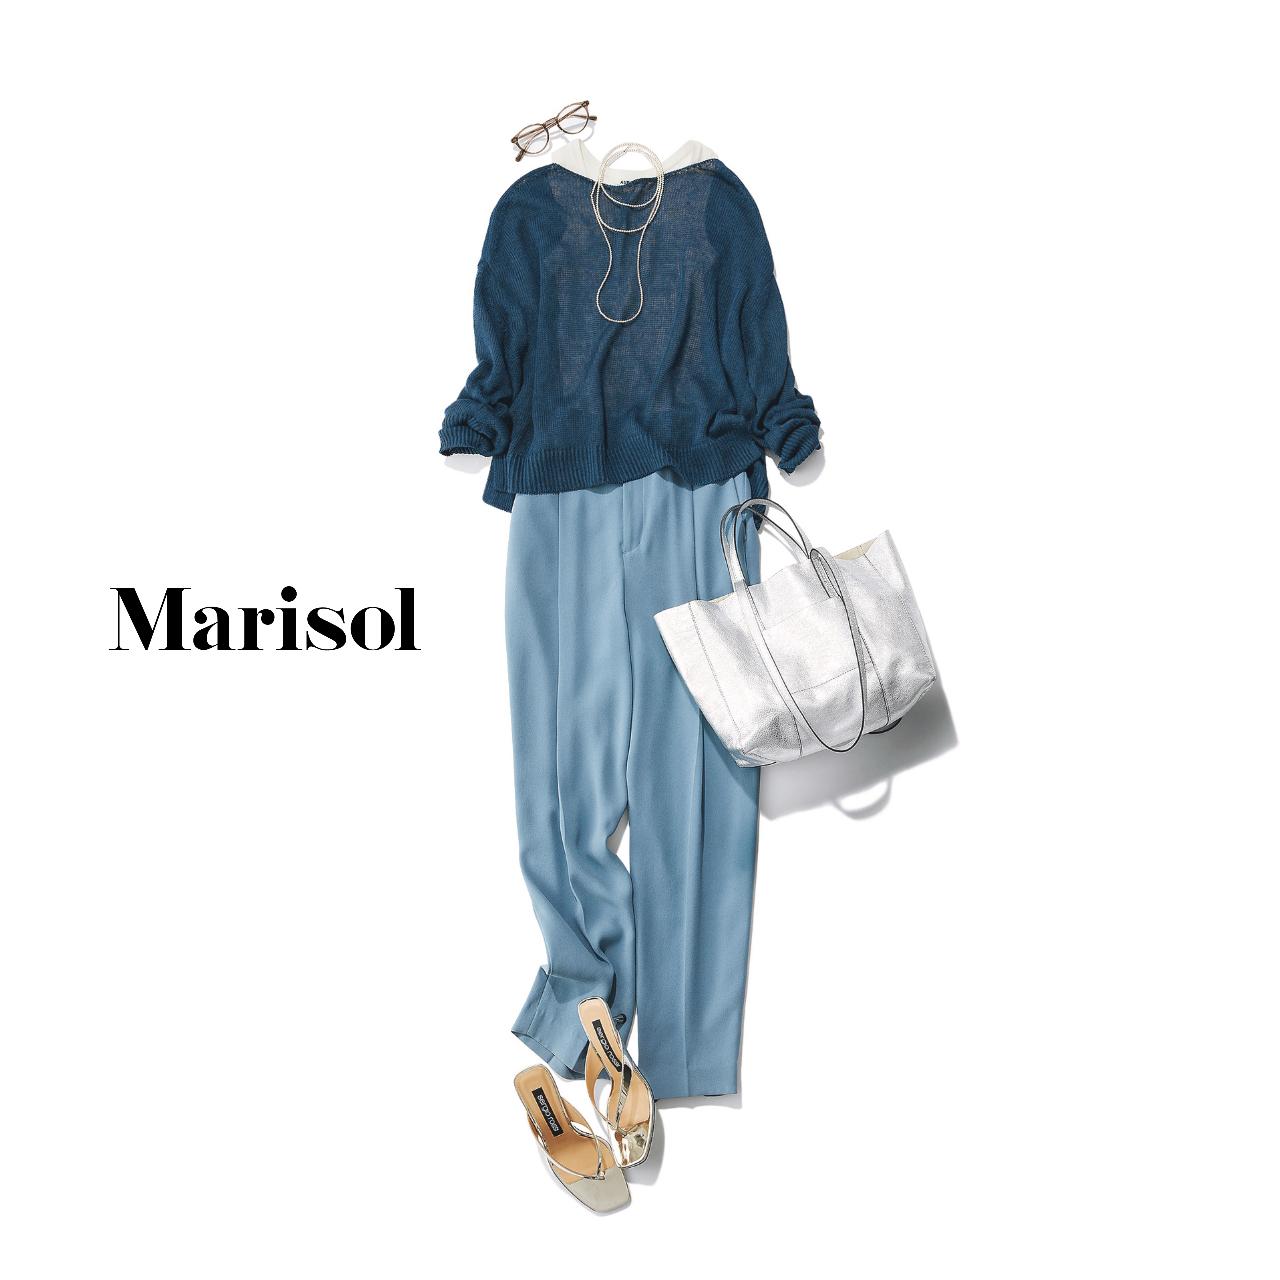 40代ファッション  ブルーニット×ブルーパンツ コーデ